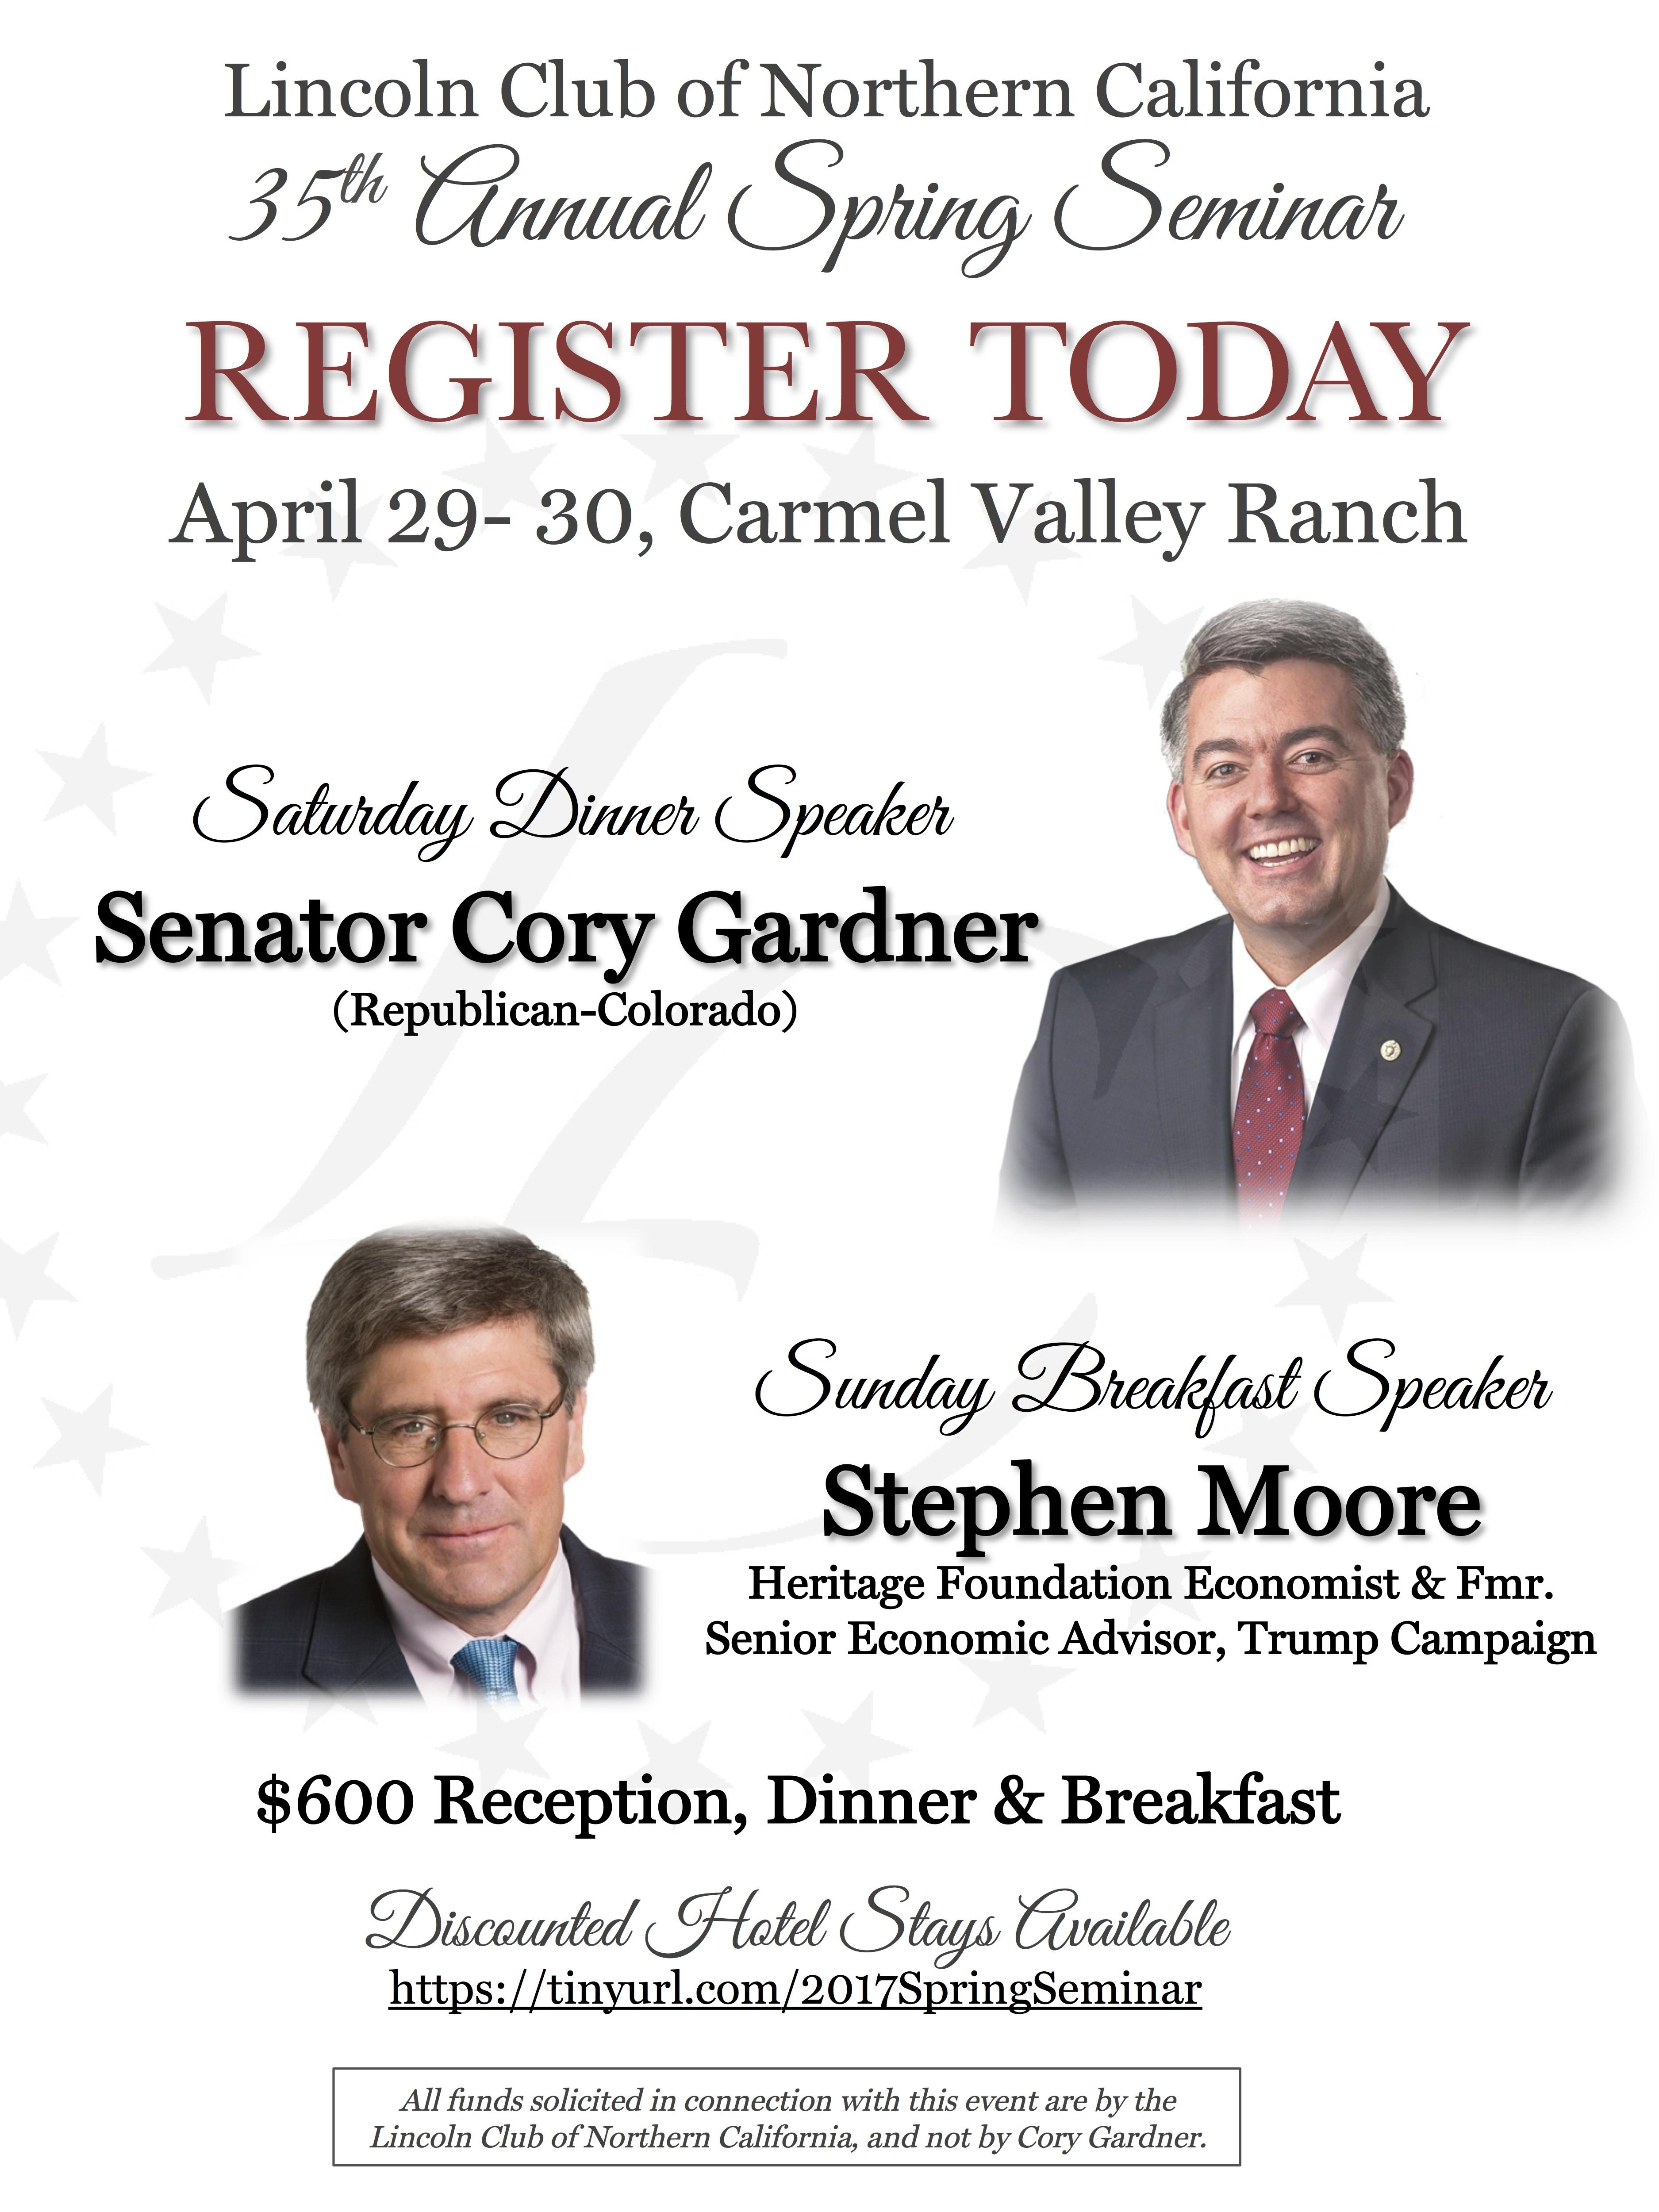 Updated_Speaker_Gardner___Moore_FINAL.jpg